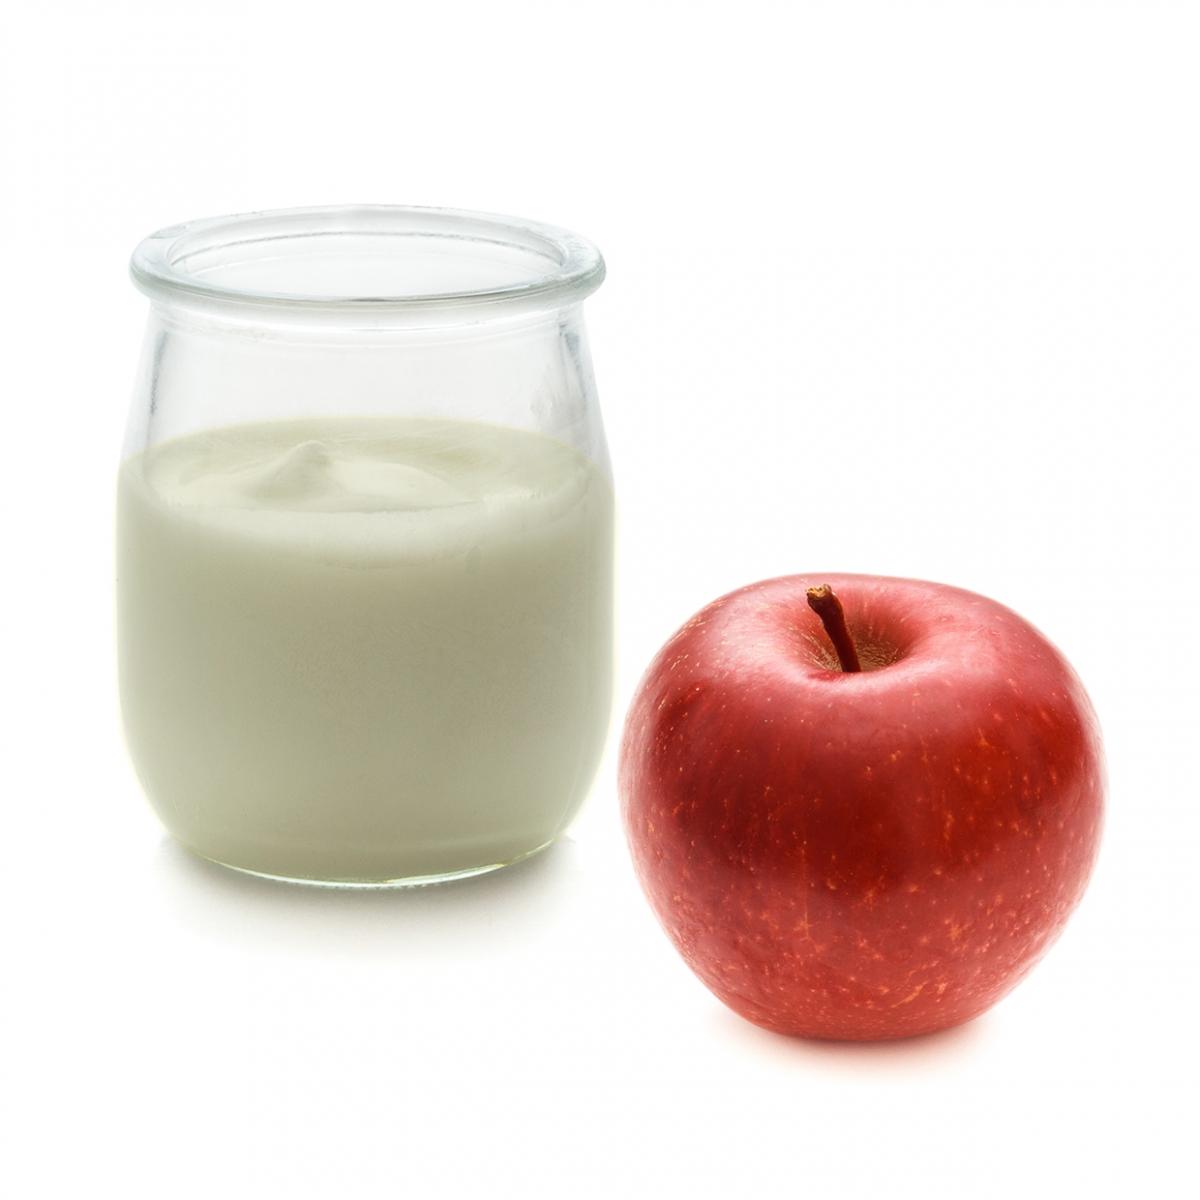 Imagen en la que se ve un yogur de manzana